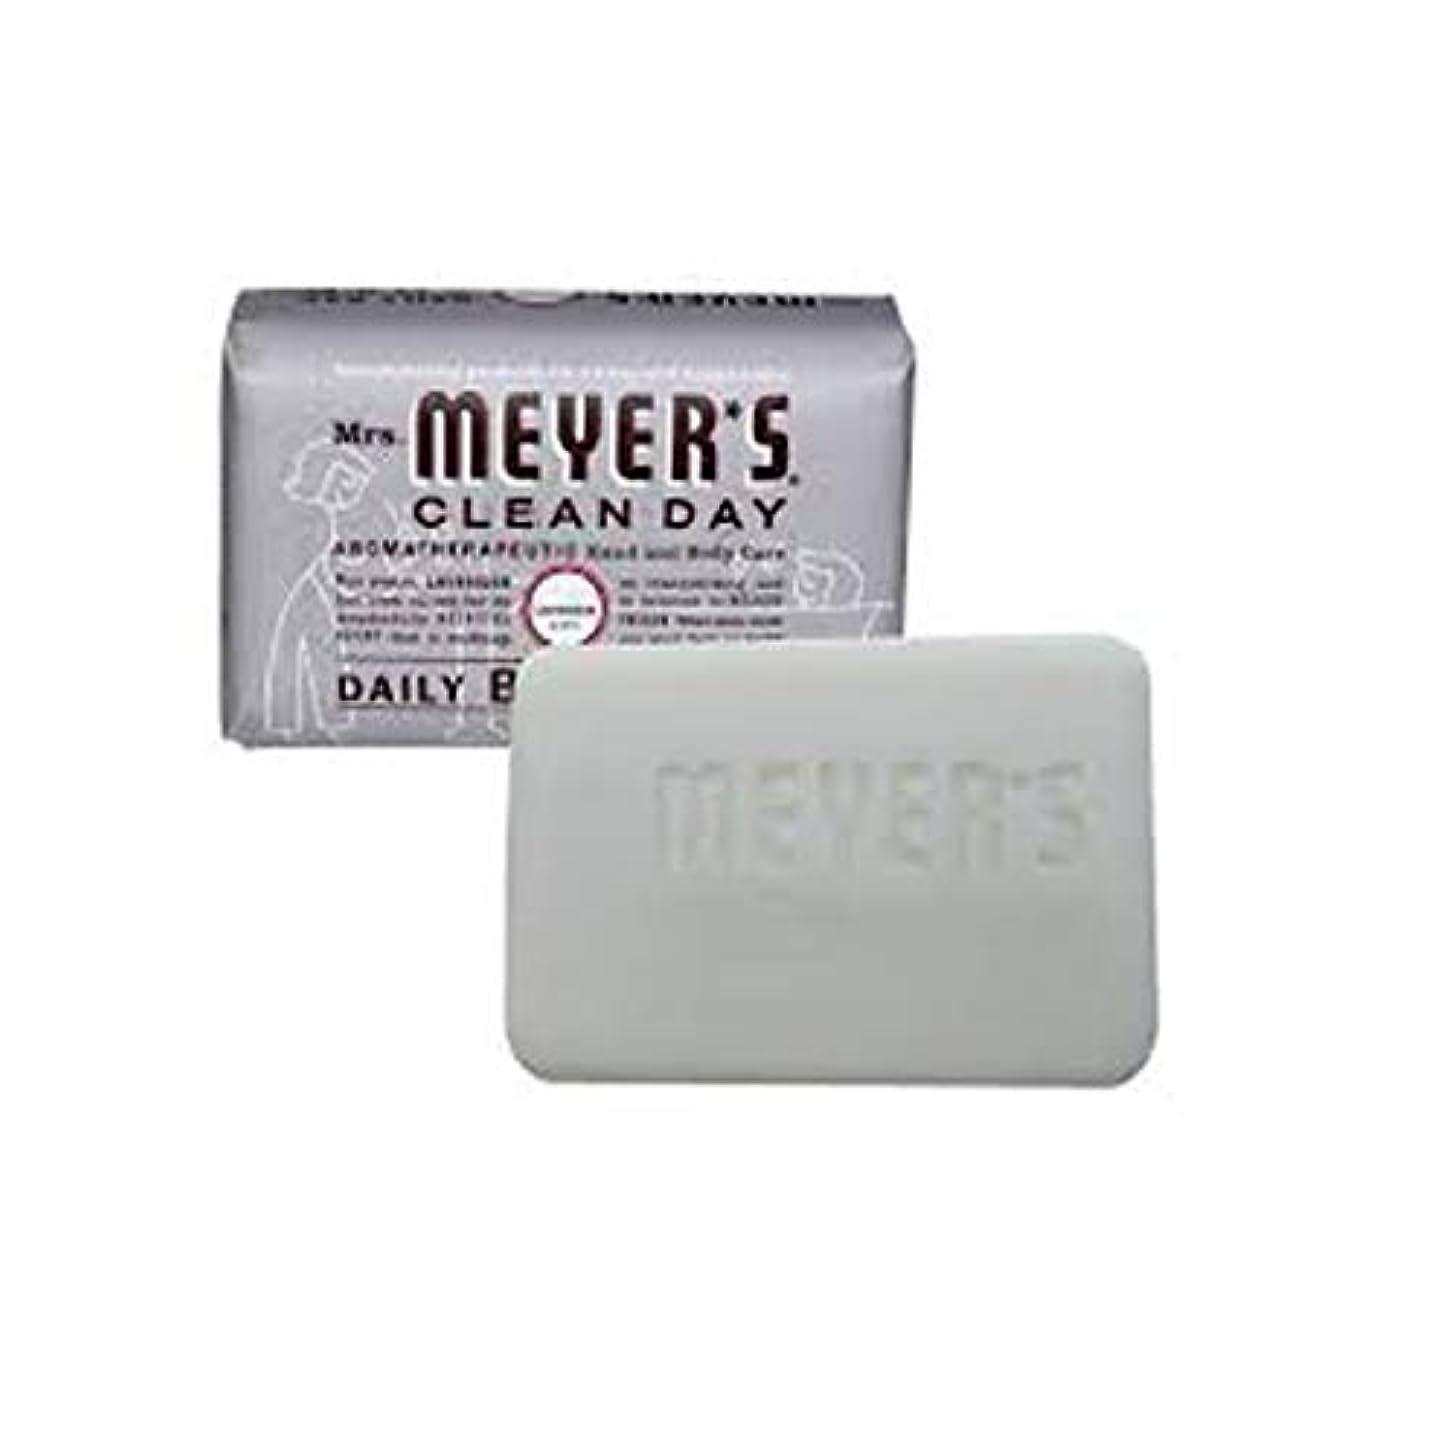 ブラザー名誉クラス2 Packs of Mrs. Meyer's Bar Soap - Lavender - 5.3 Oz by Mrs. Meyer's Clean Day